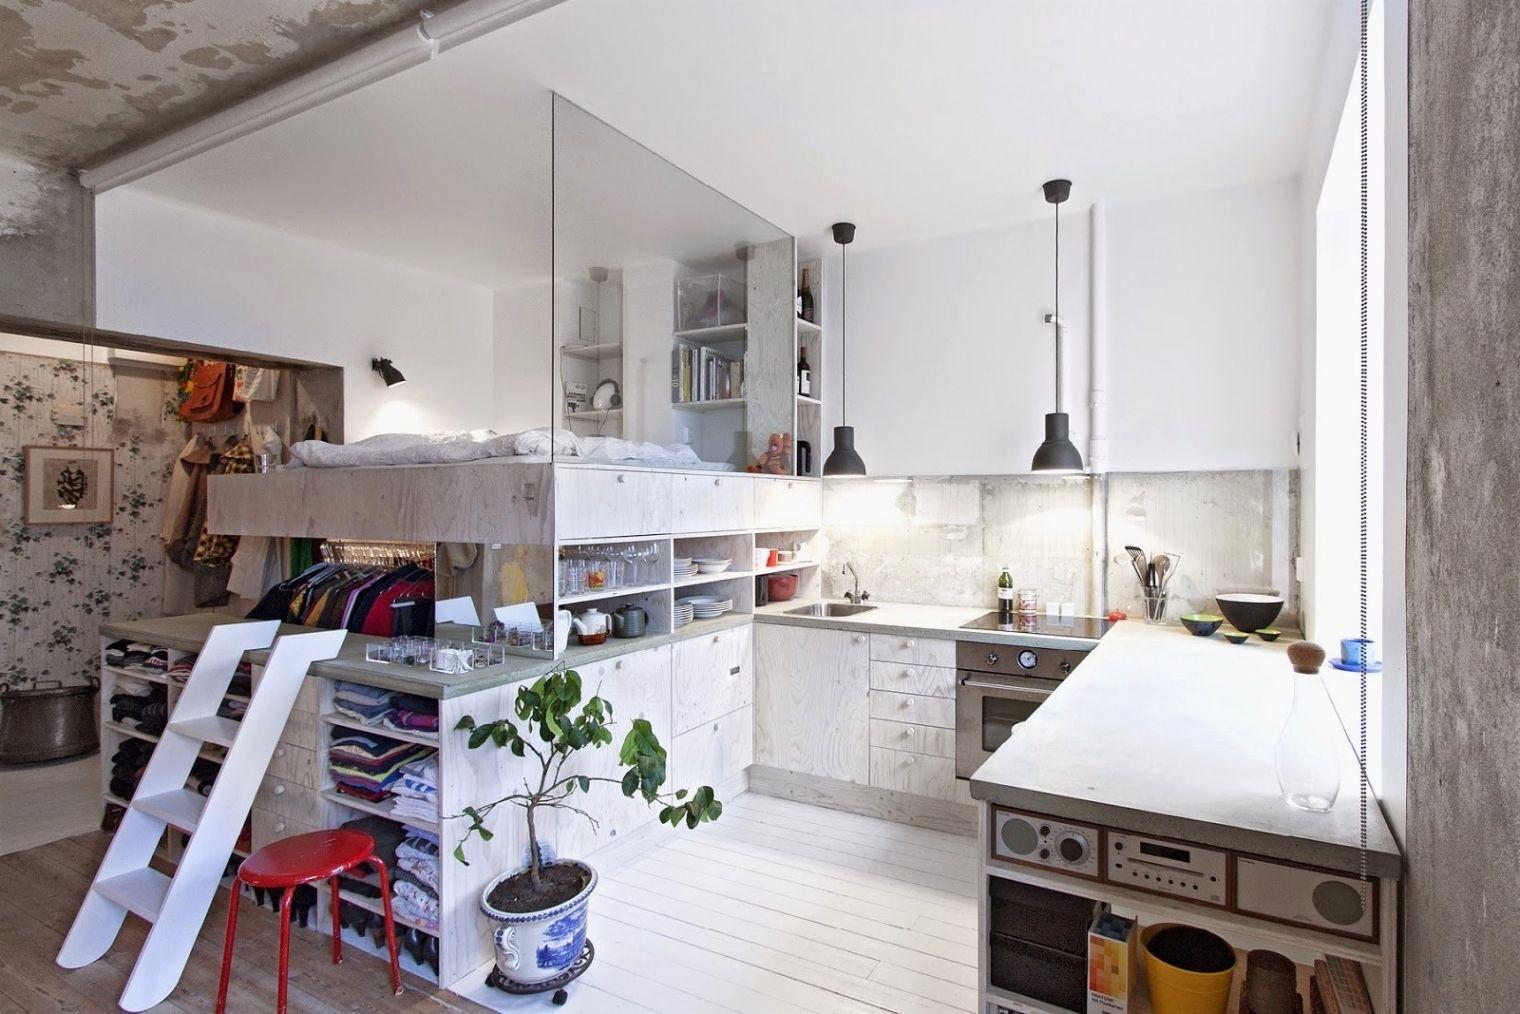 Erstaunlich Wohnzimmer 30 Qm Wohnzimmer Deko Micro Apartment